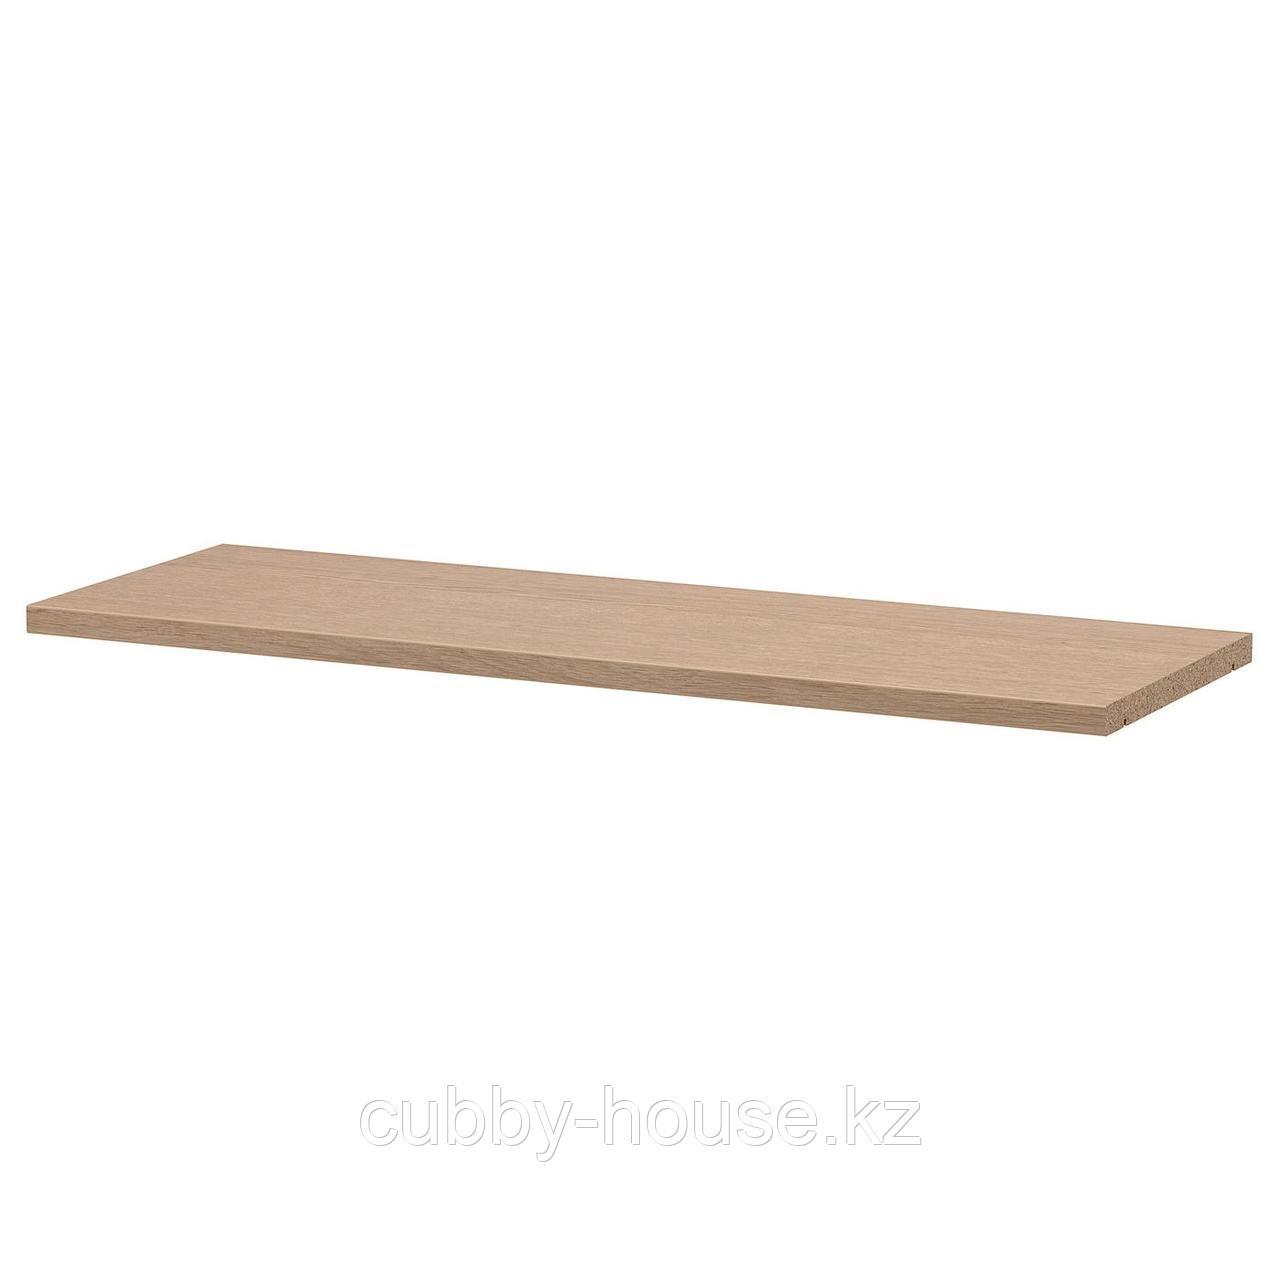 БИЛЛИ Полка дополнительная, белый, 76x26 см